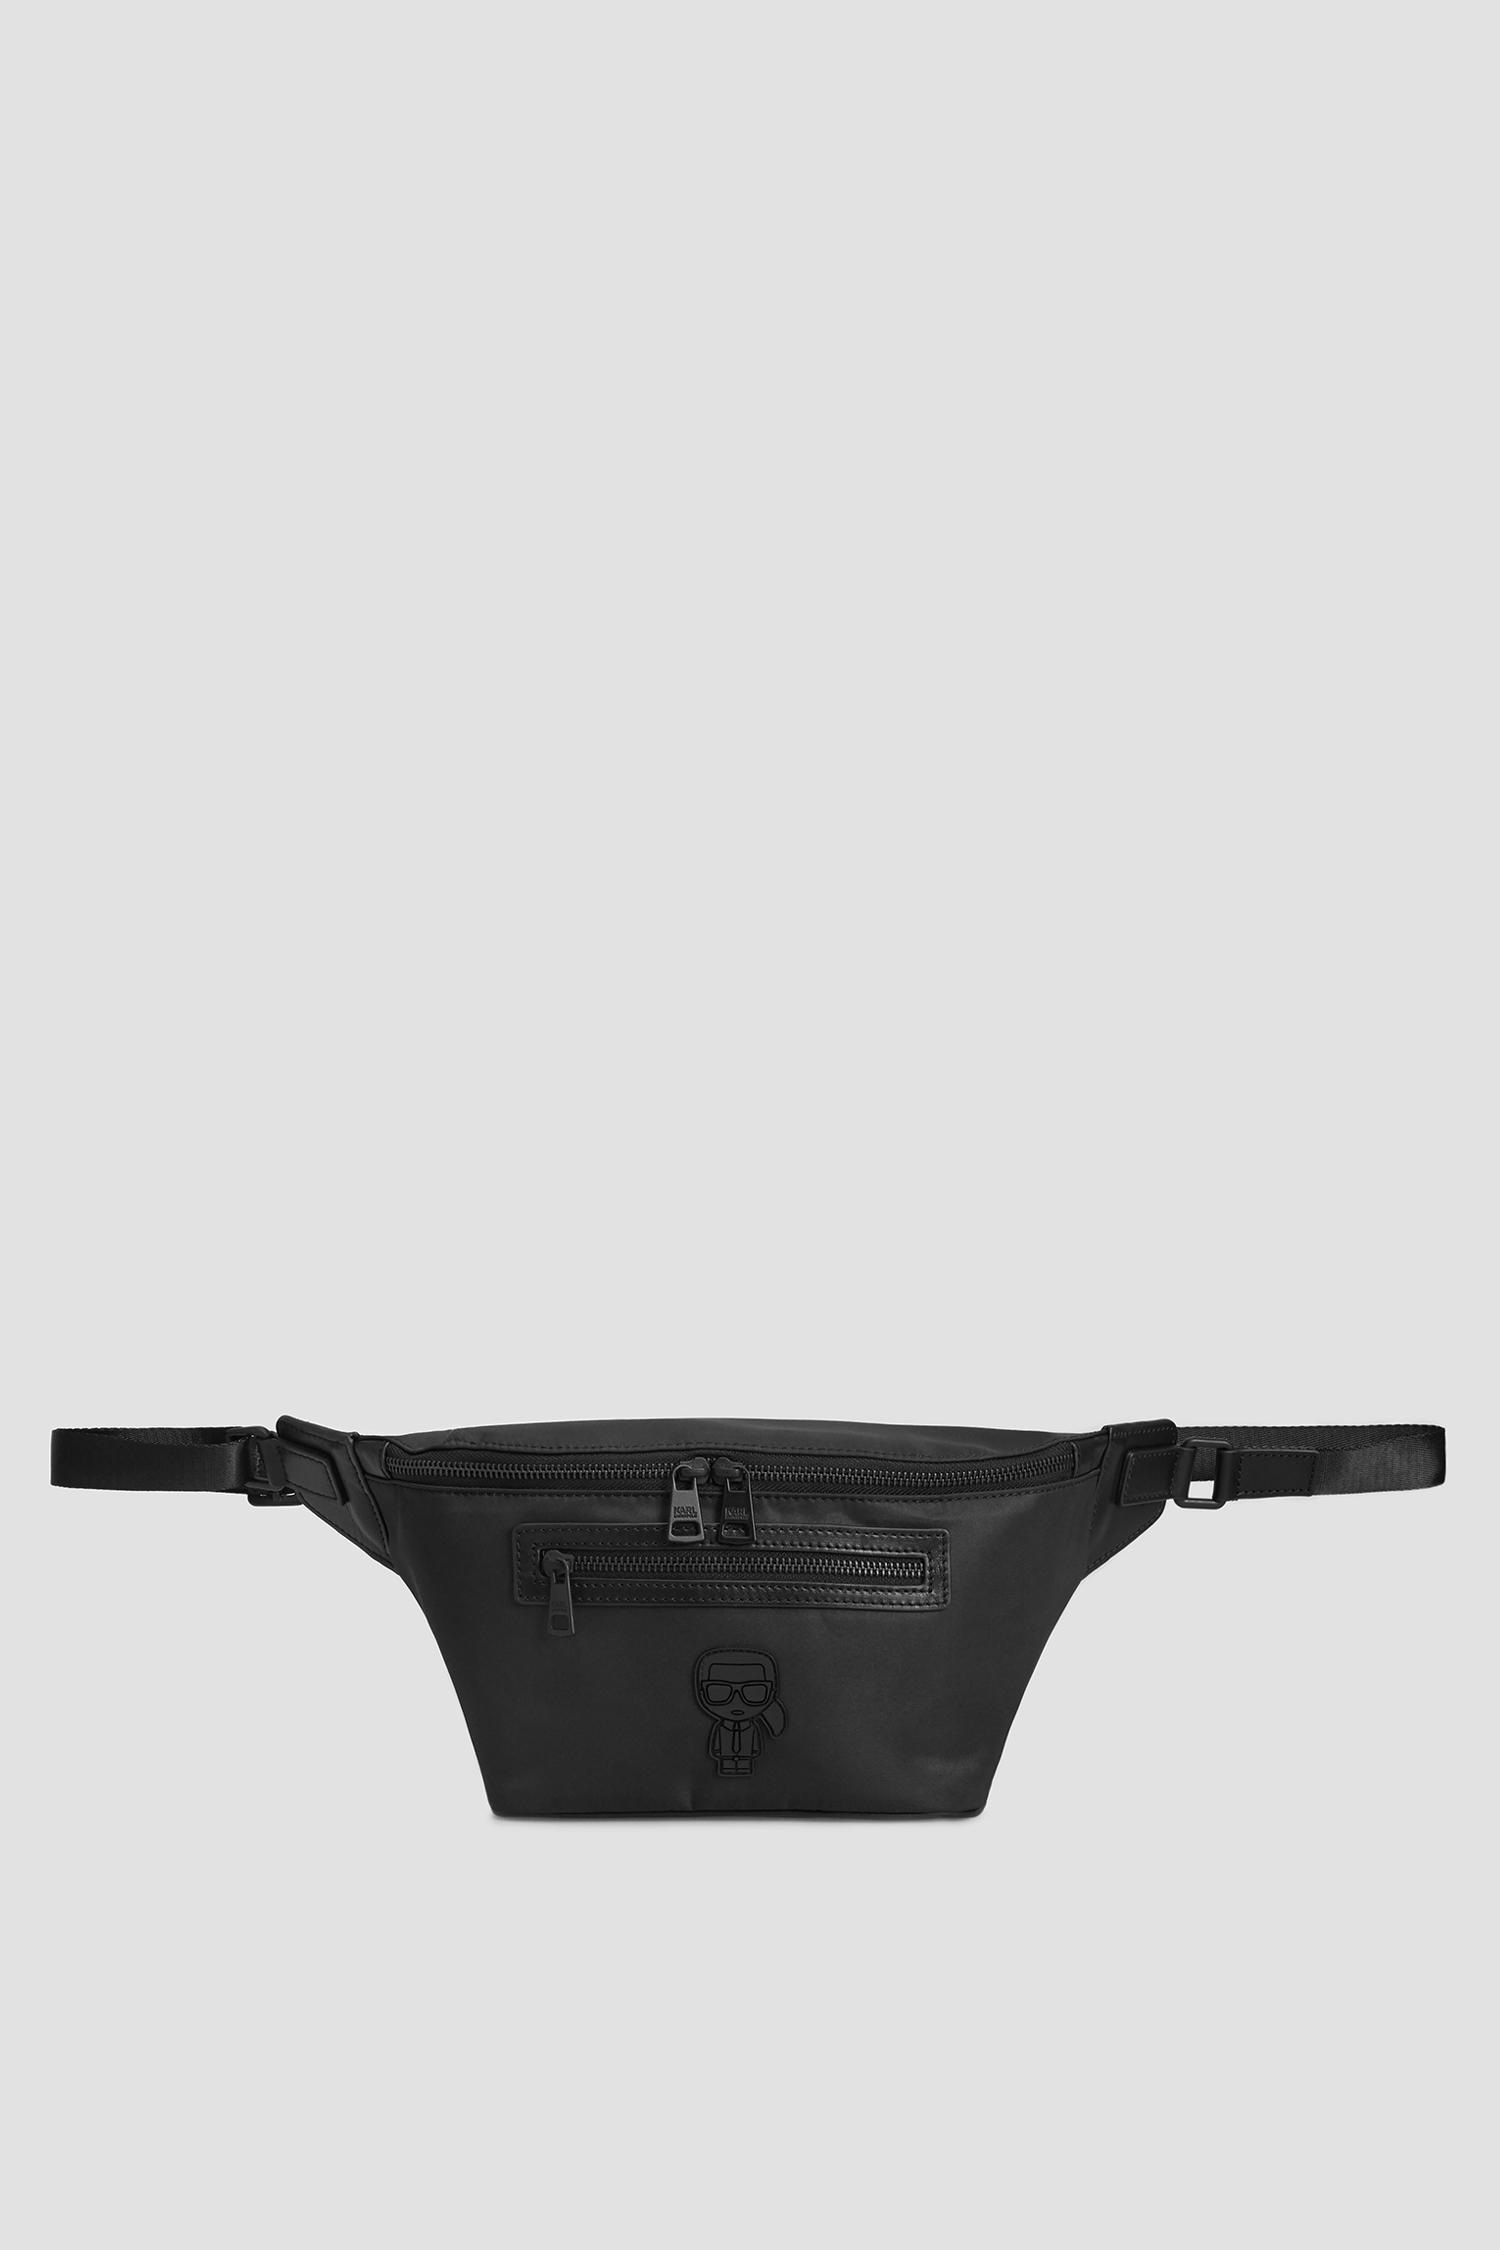 Чоловіча чорна поясна сумка Karl Lagerfeld 502113.805924;990